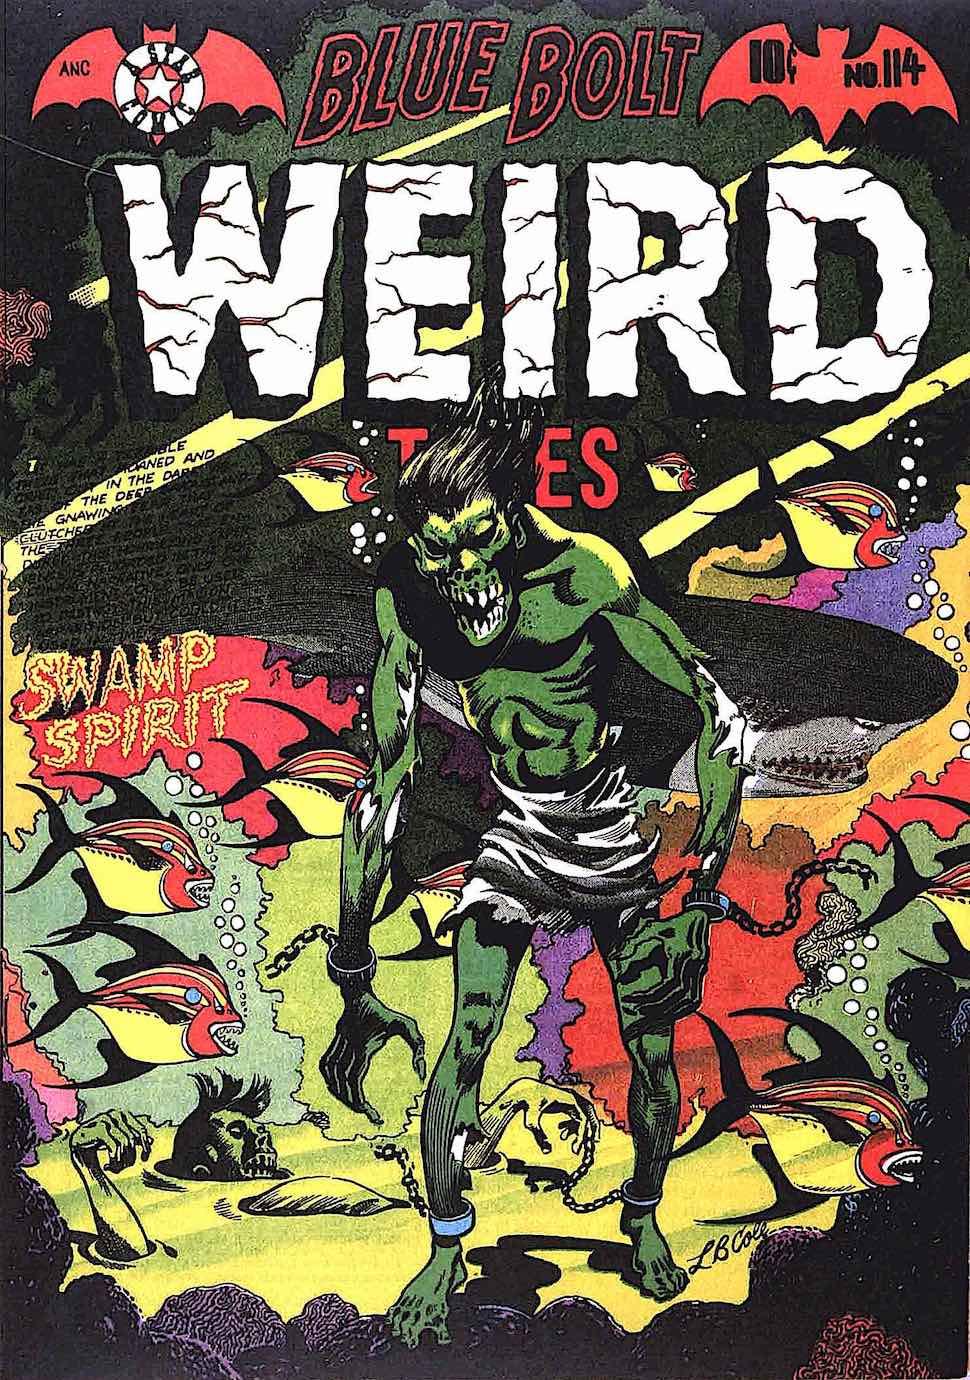 an old L.B. Cole comic book, Weird Tales Swamp Spirit